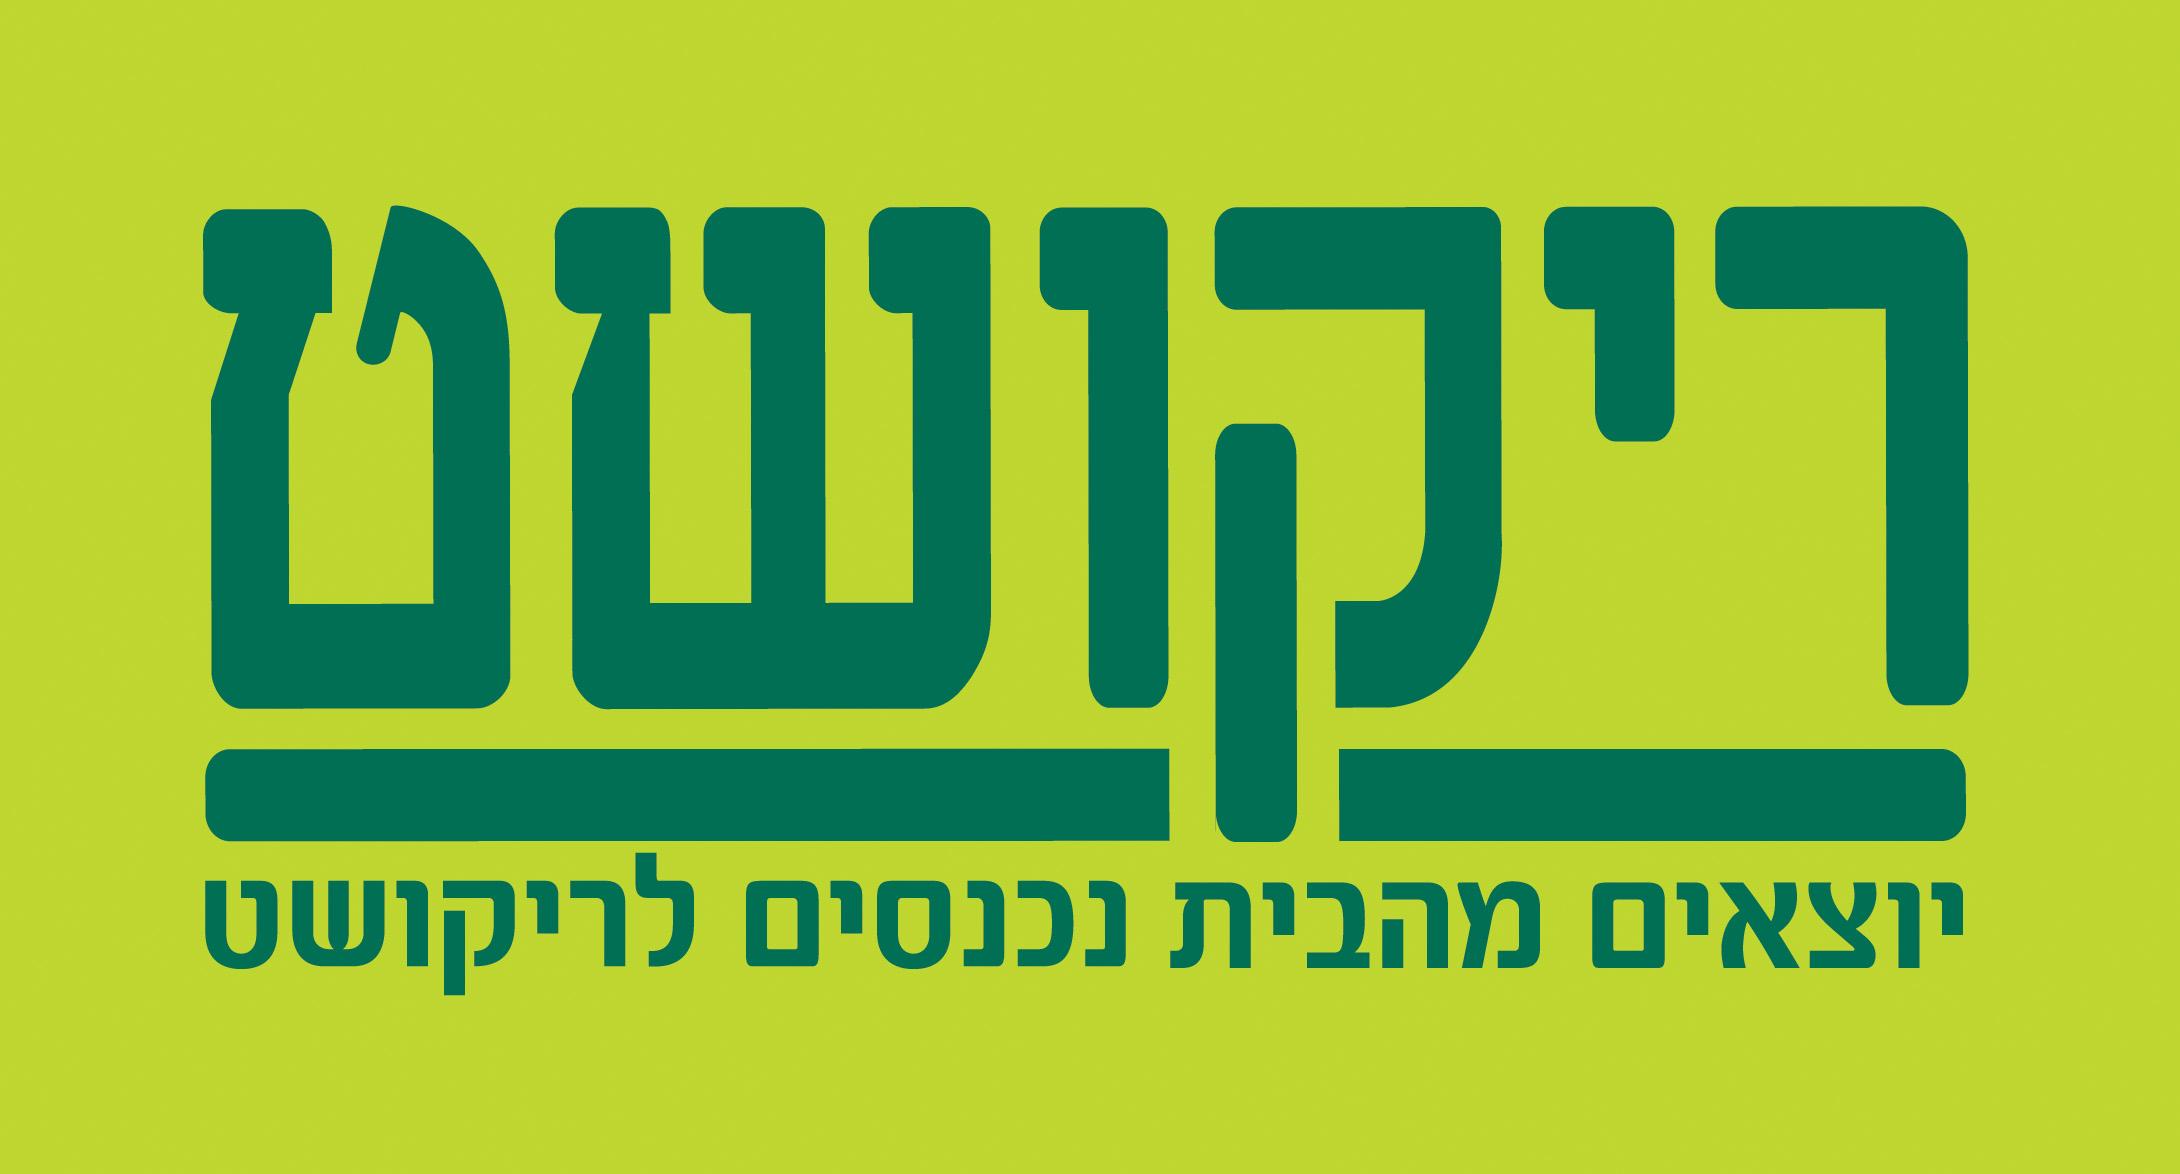 ריקושט לוגו חדש מאי 2015